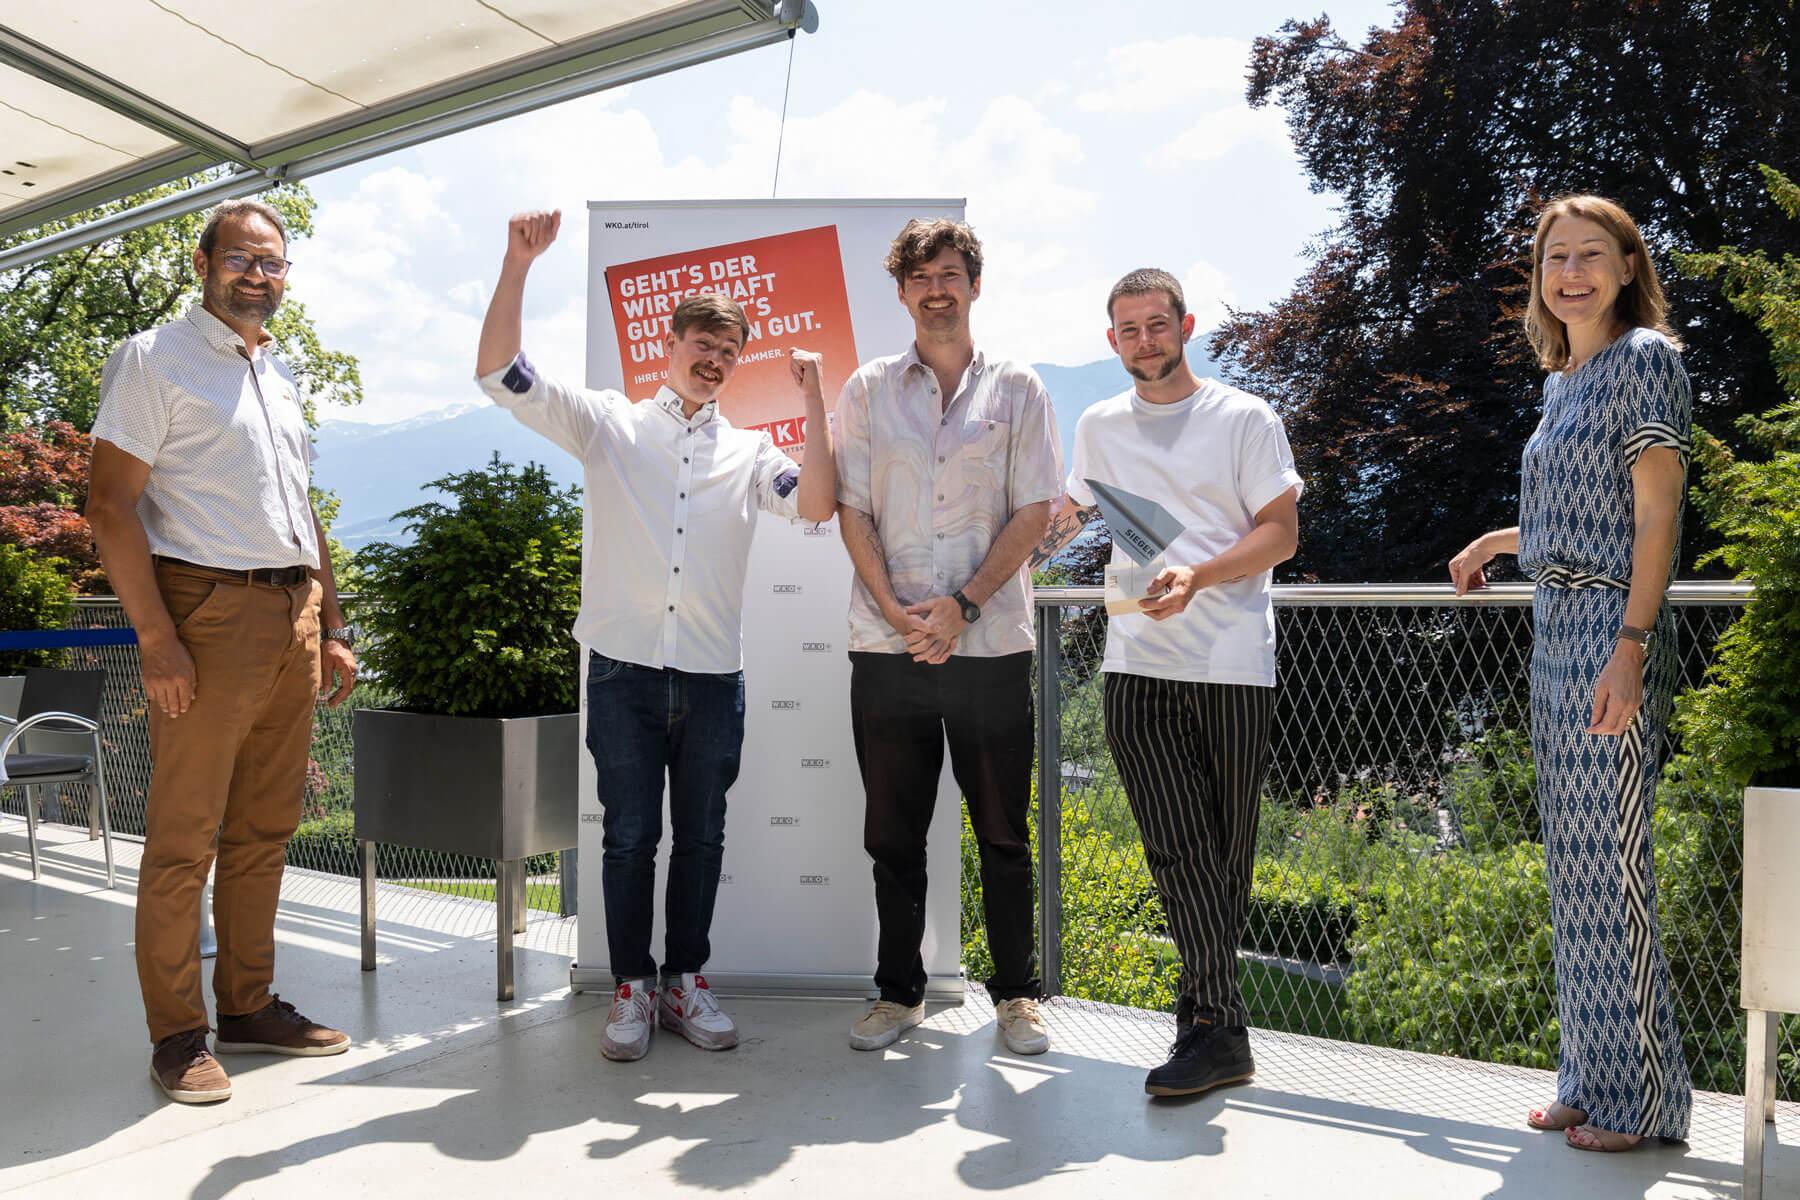 """Tiroler Innovationspreis 2020 Gewinner Kategorie """"Dienstleistungsinnovation"""": Dachsbau TV mit Konrad Wolfgang, Frederik Lordick und Lukas Micka (2.,3. und 4.v.l.) mit WK-Präsident Christoph Walser (l.) und Landesrätin Annette Leja (r.)."""